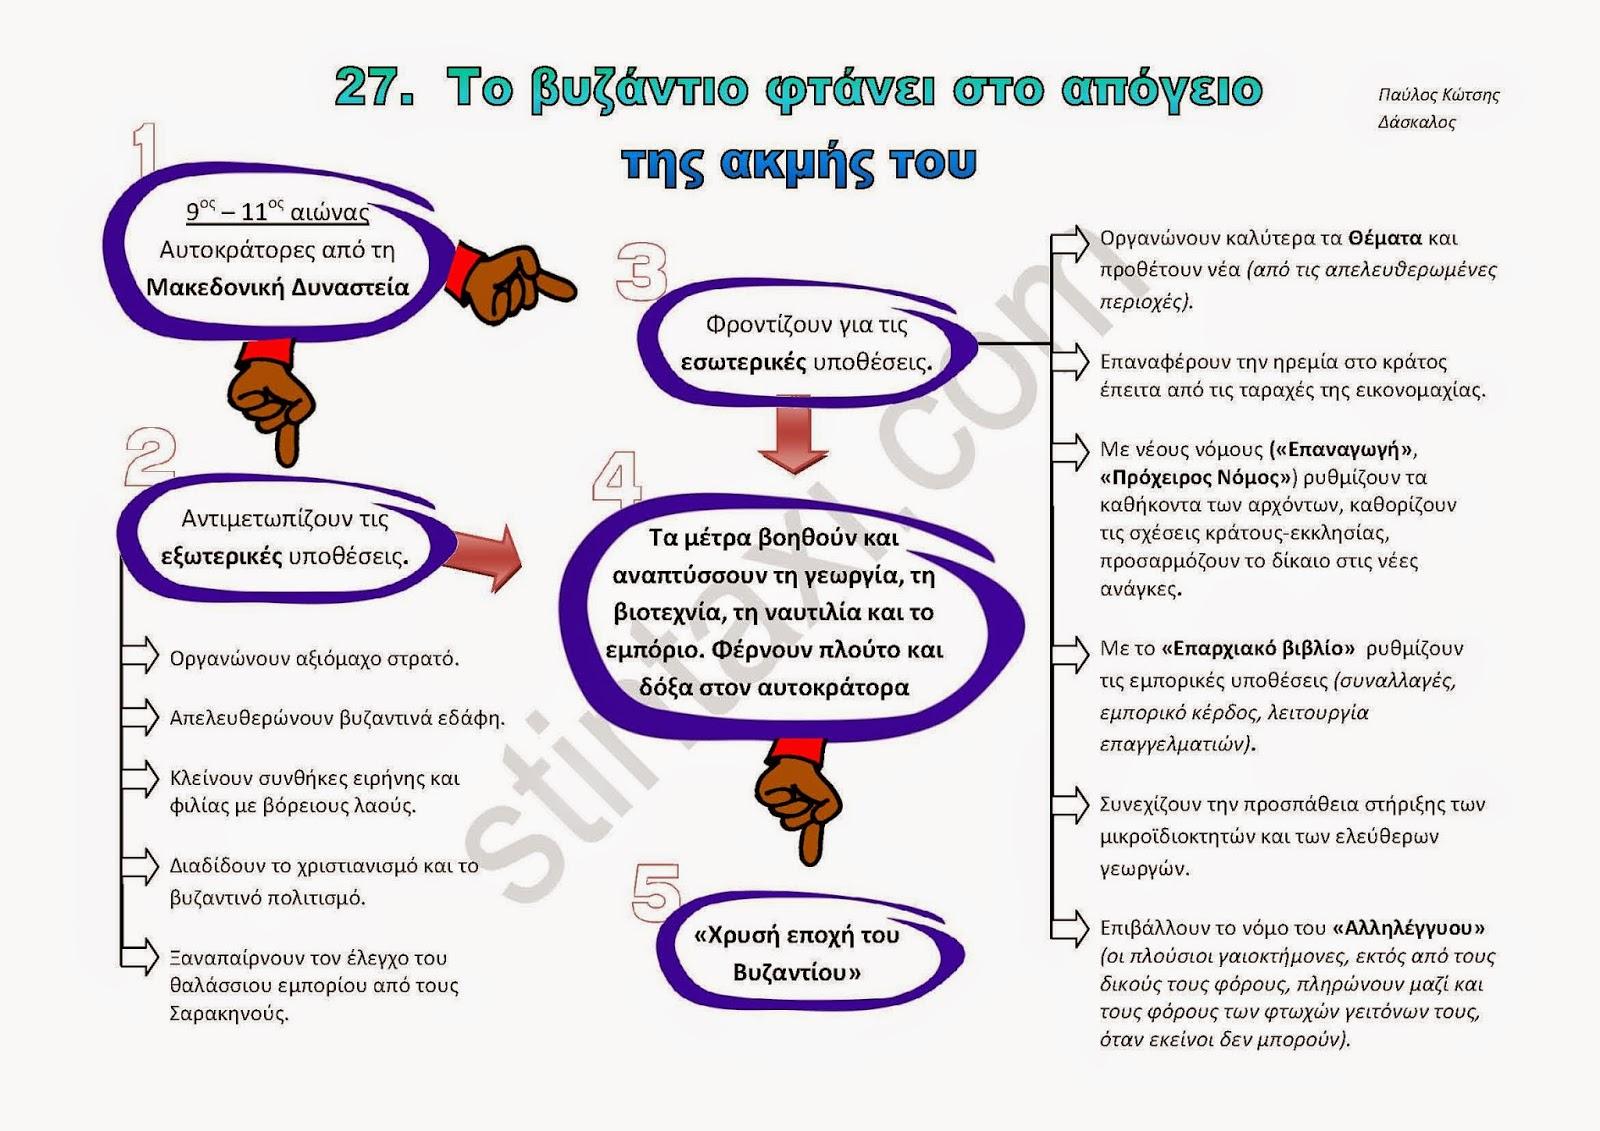 http://www.stintaxi.com/uploads/1/3/1/0/13100858/hist-e-27-v2.pdf